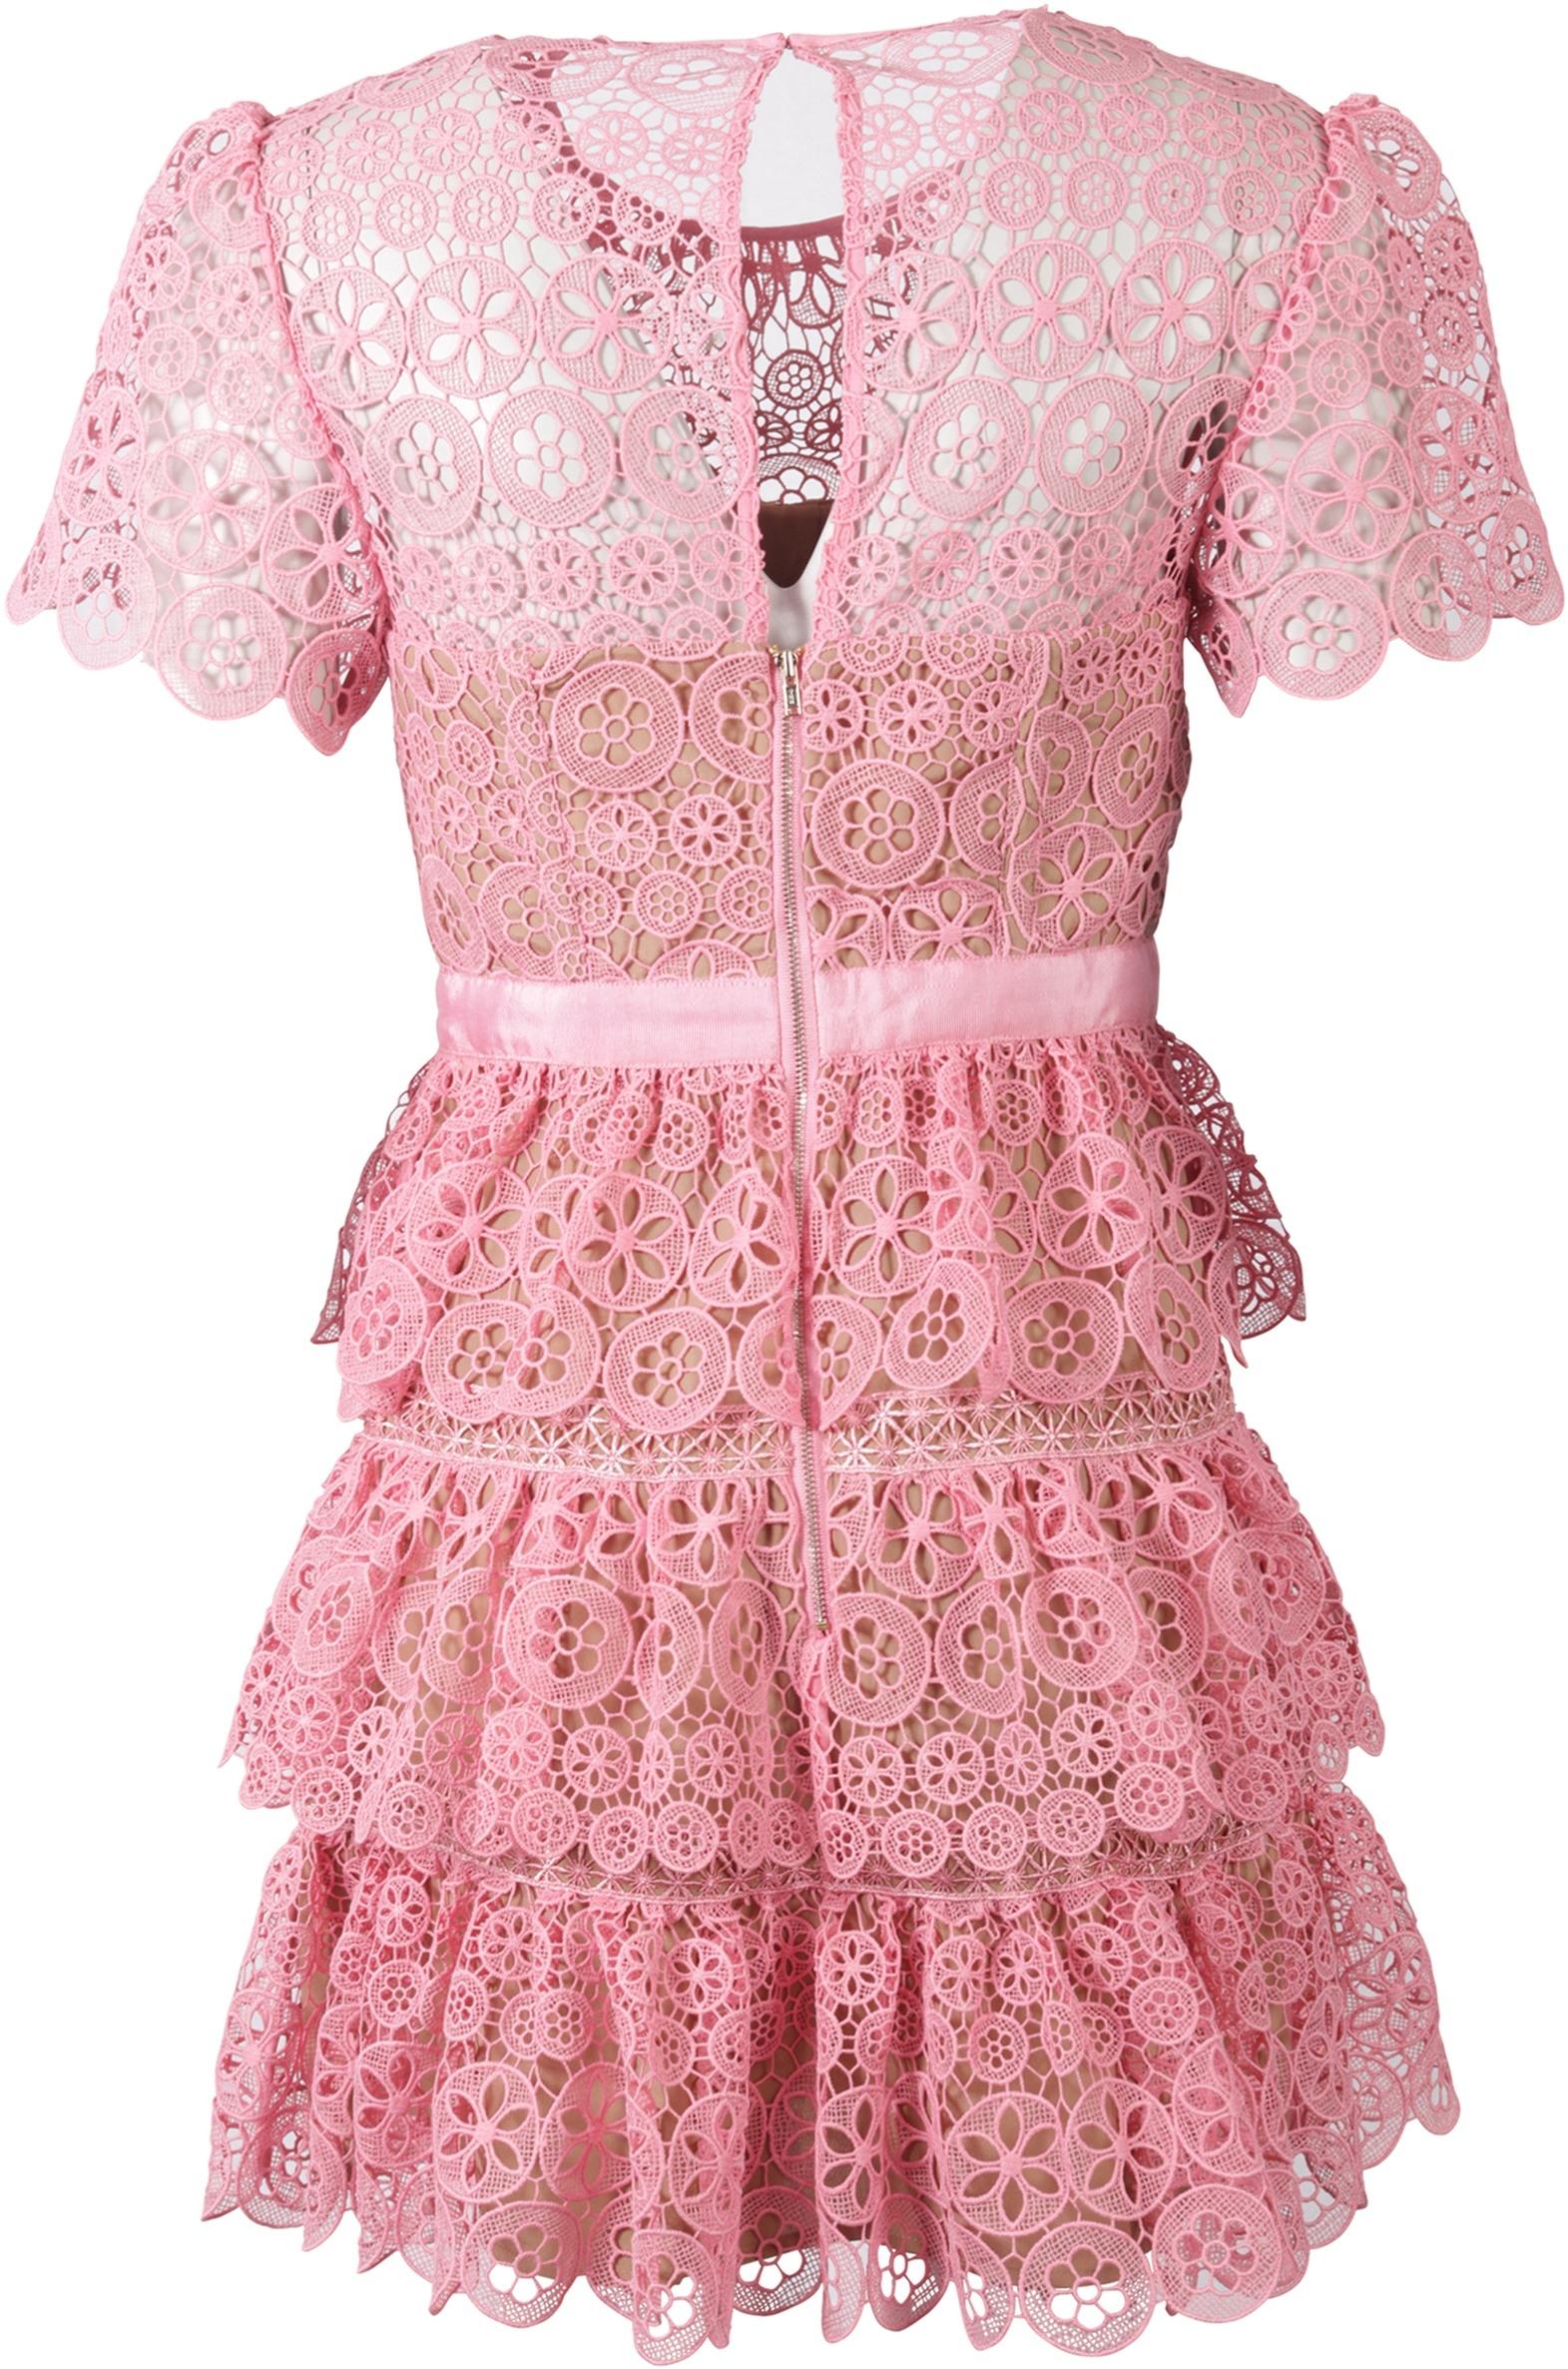 Einzigartig Kleid Rosa Boutique10 Schön Kleid Rosa Vertrieb